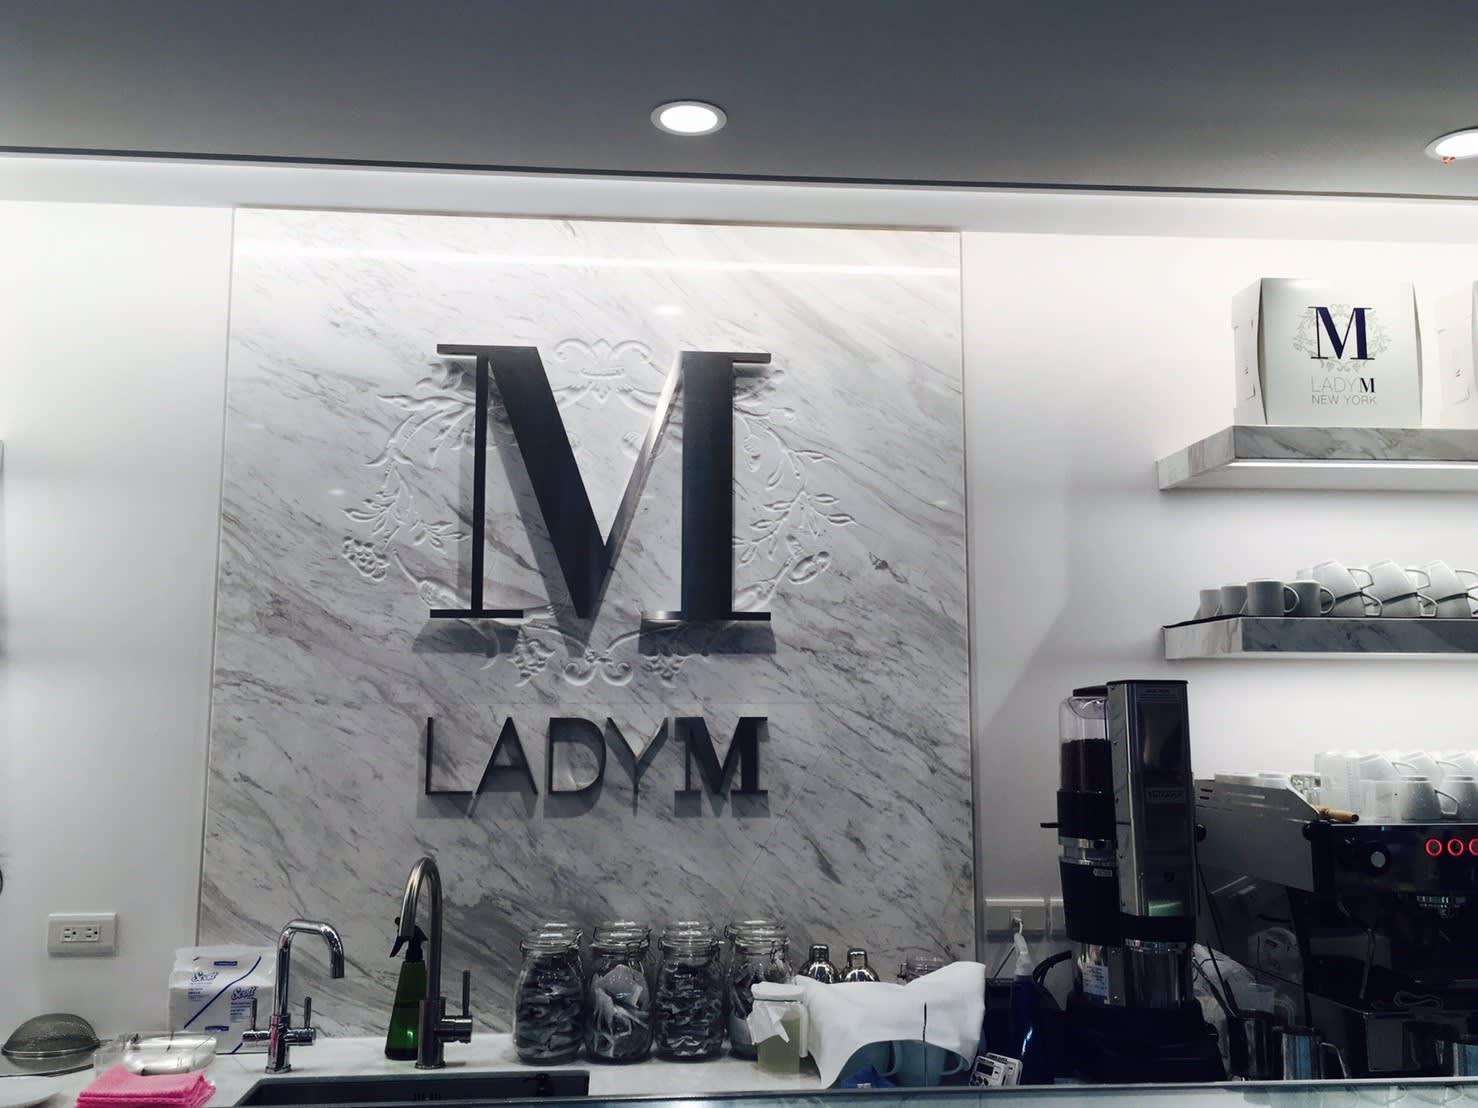 Lady M吧台。